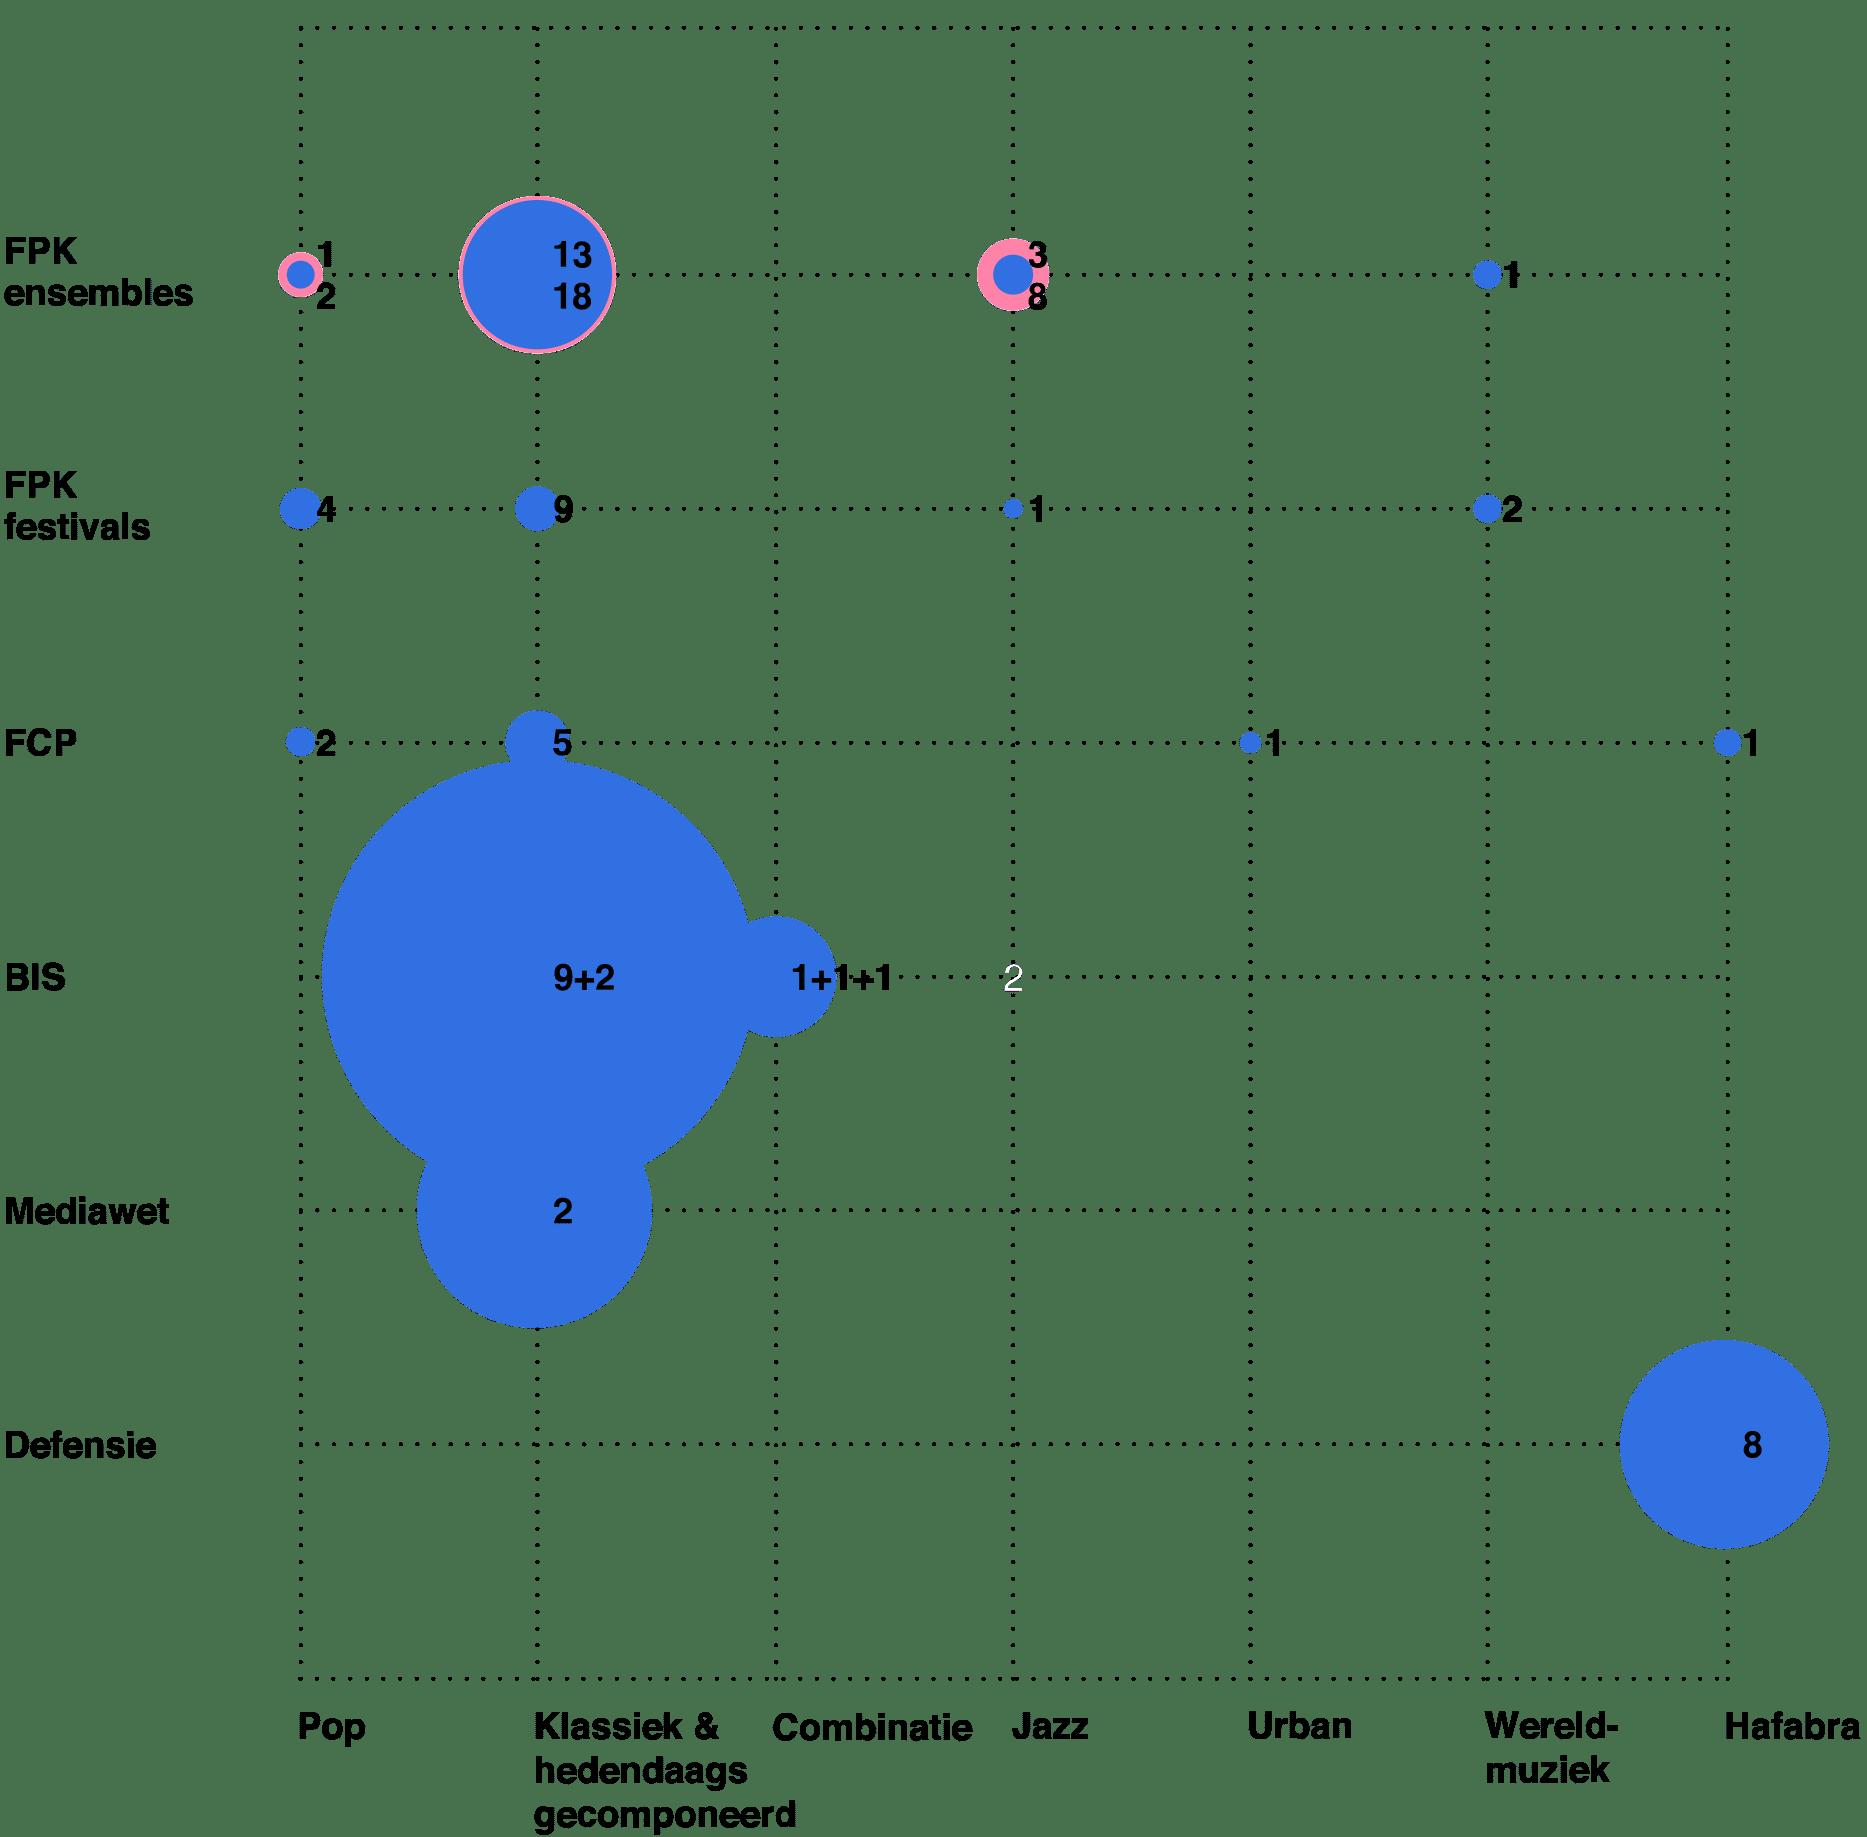 De huidige verdeling van de subsidies over genres en instellingen